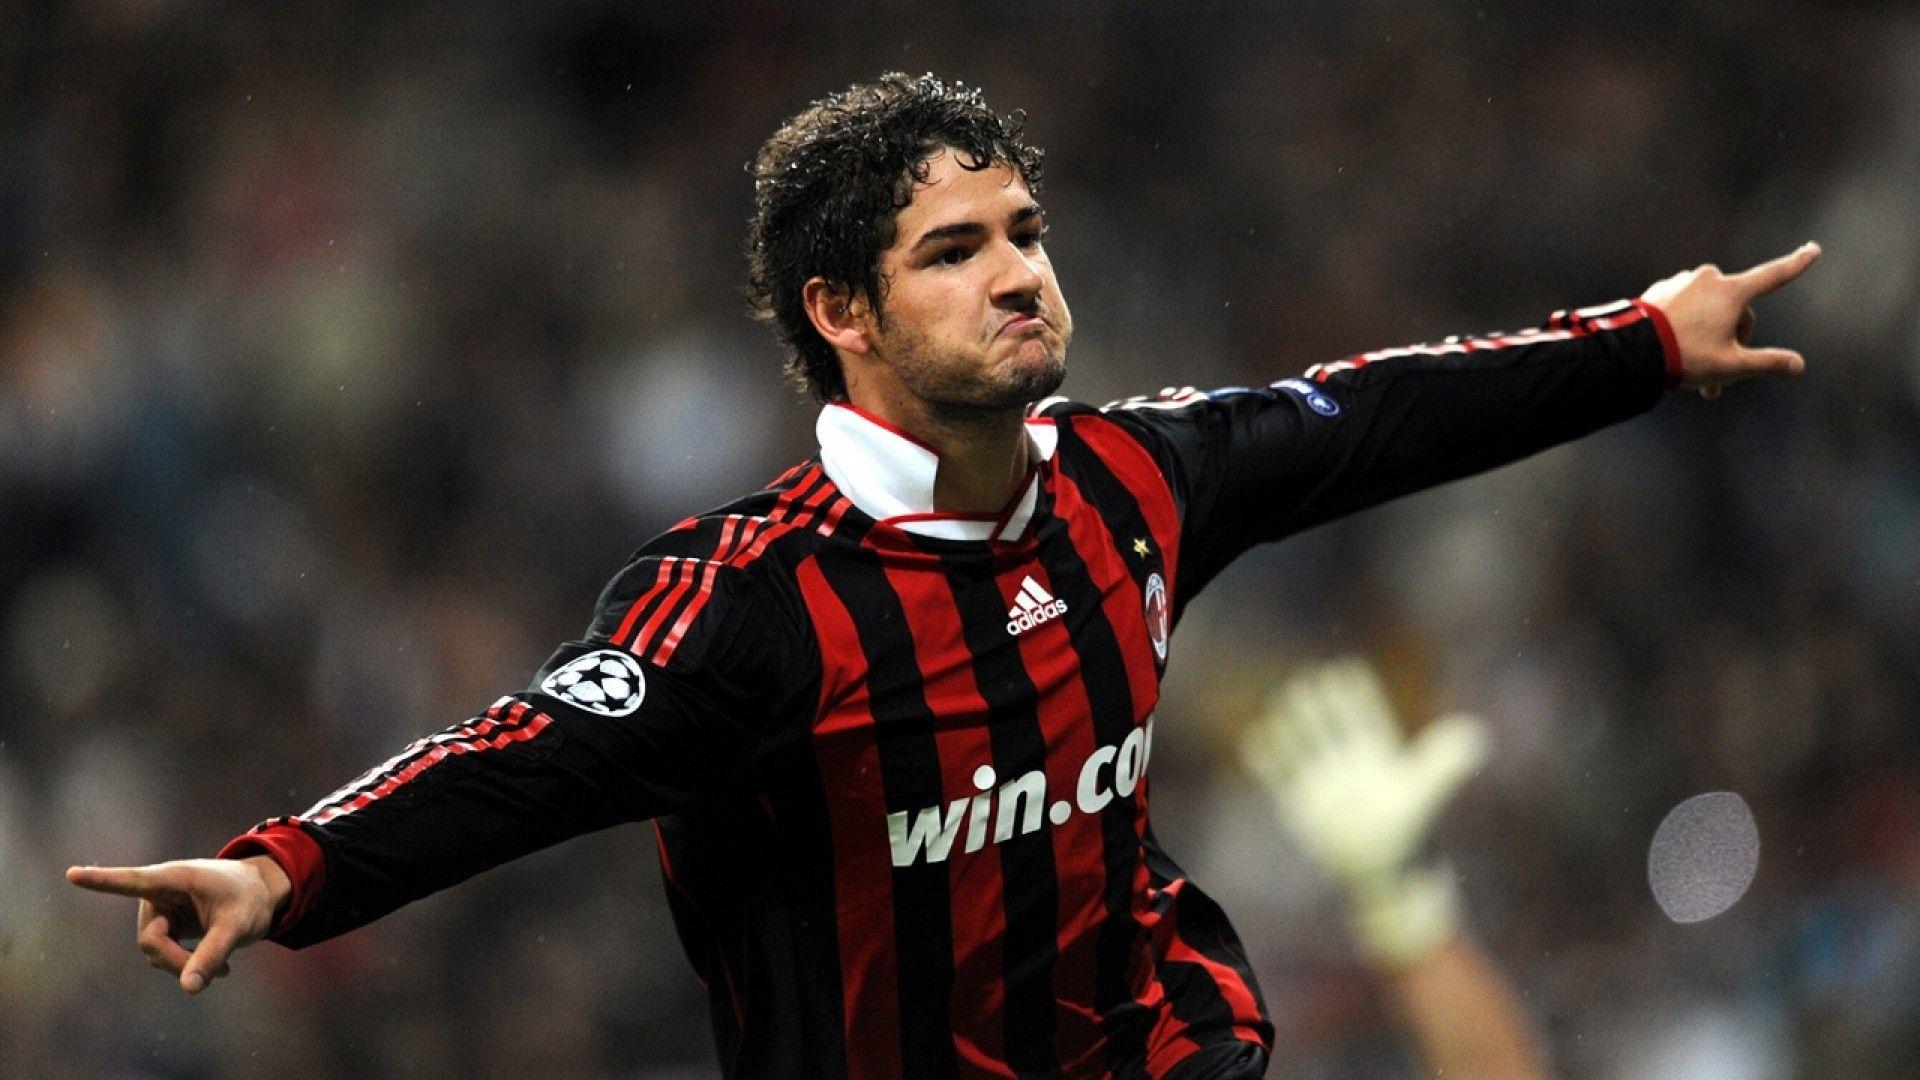 Soccer-Ac-Milan-Alexandre-Pato-1080x1920